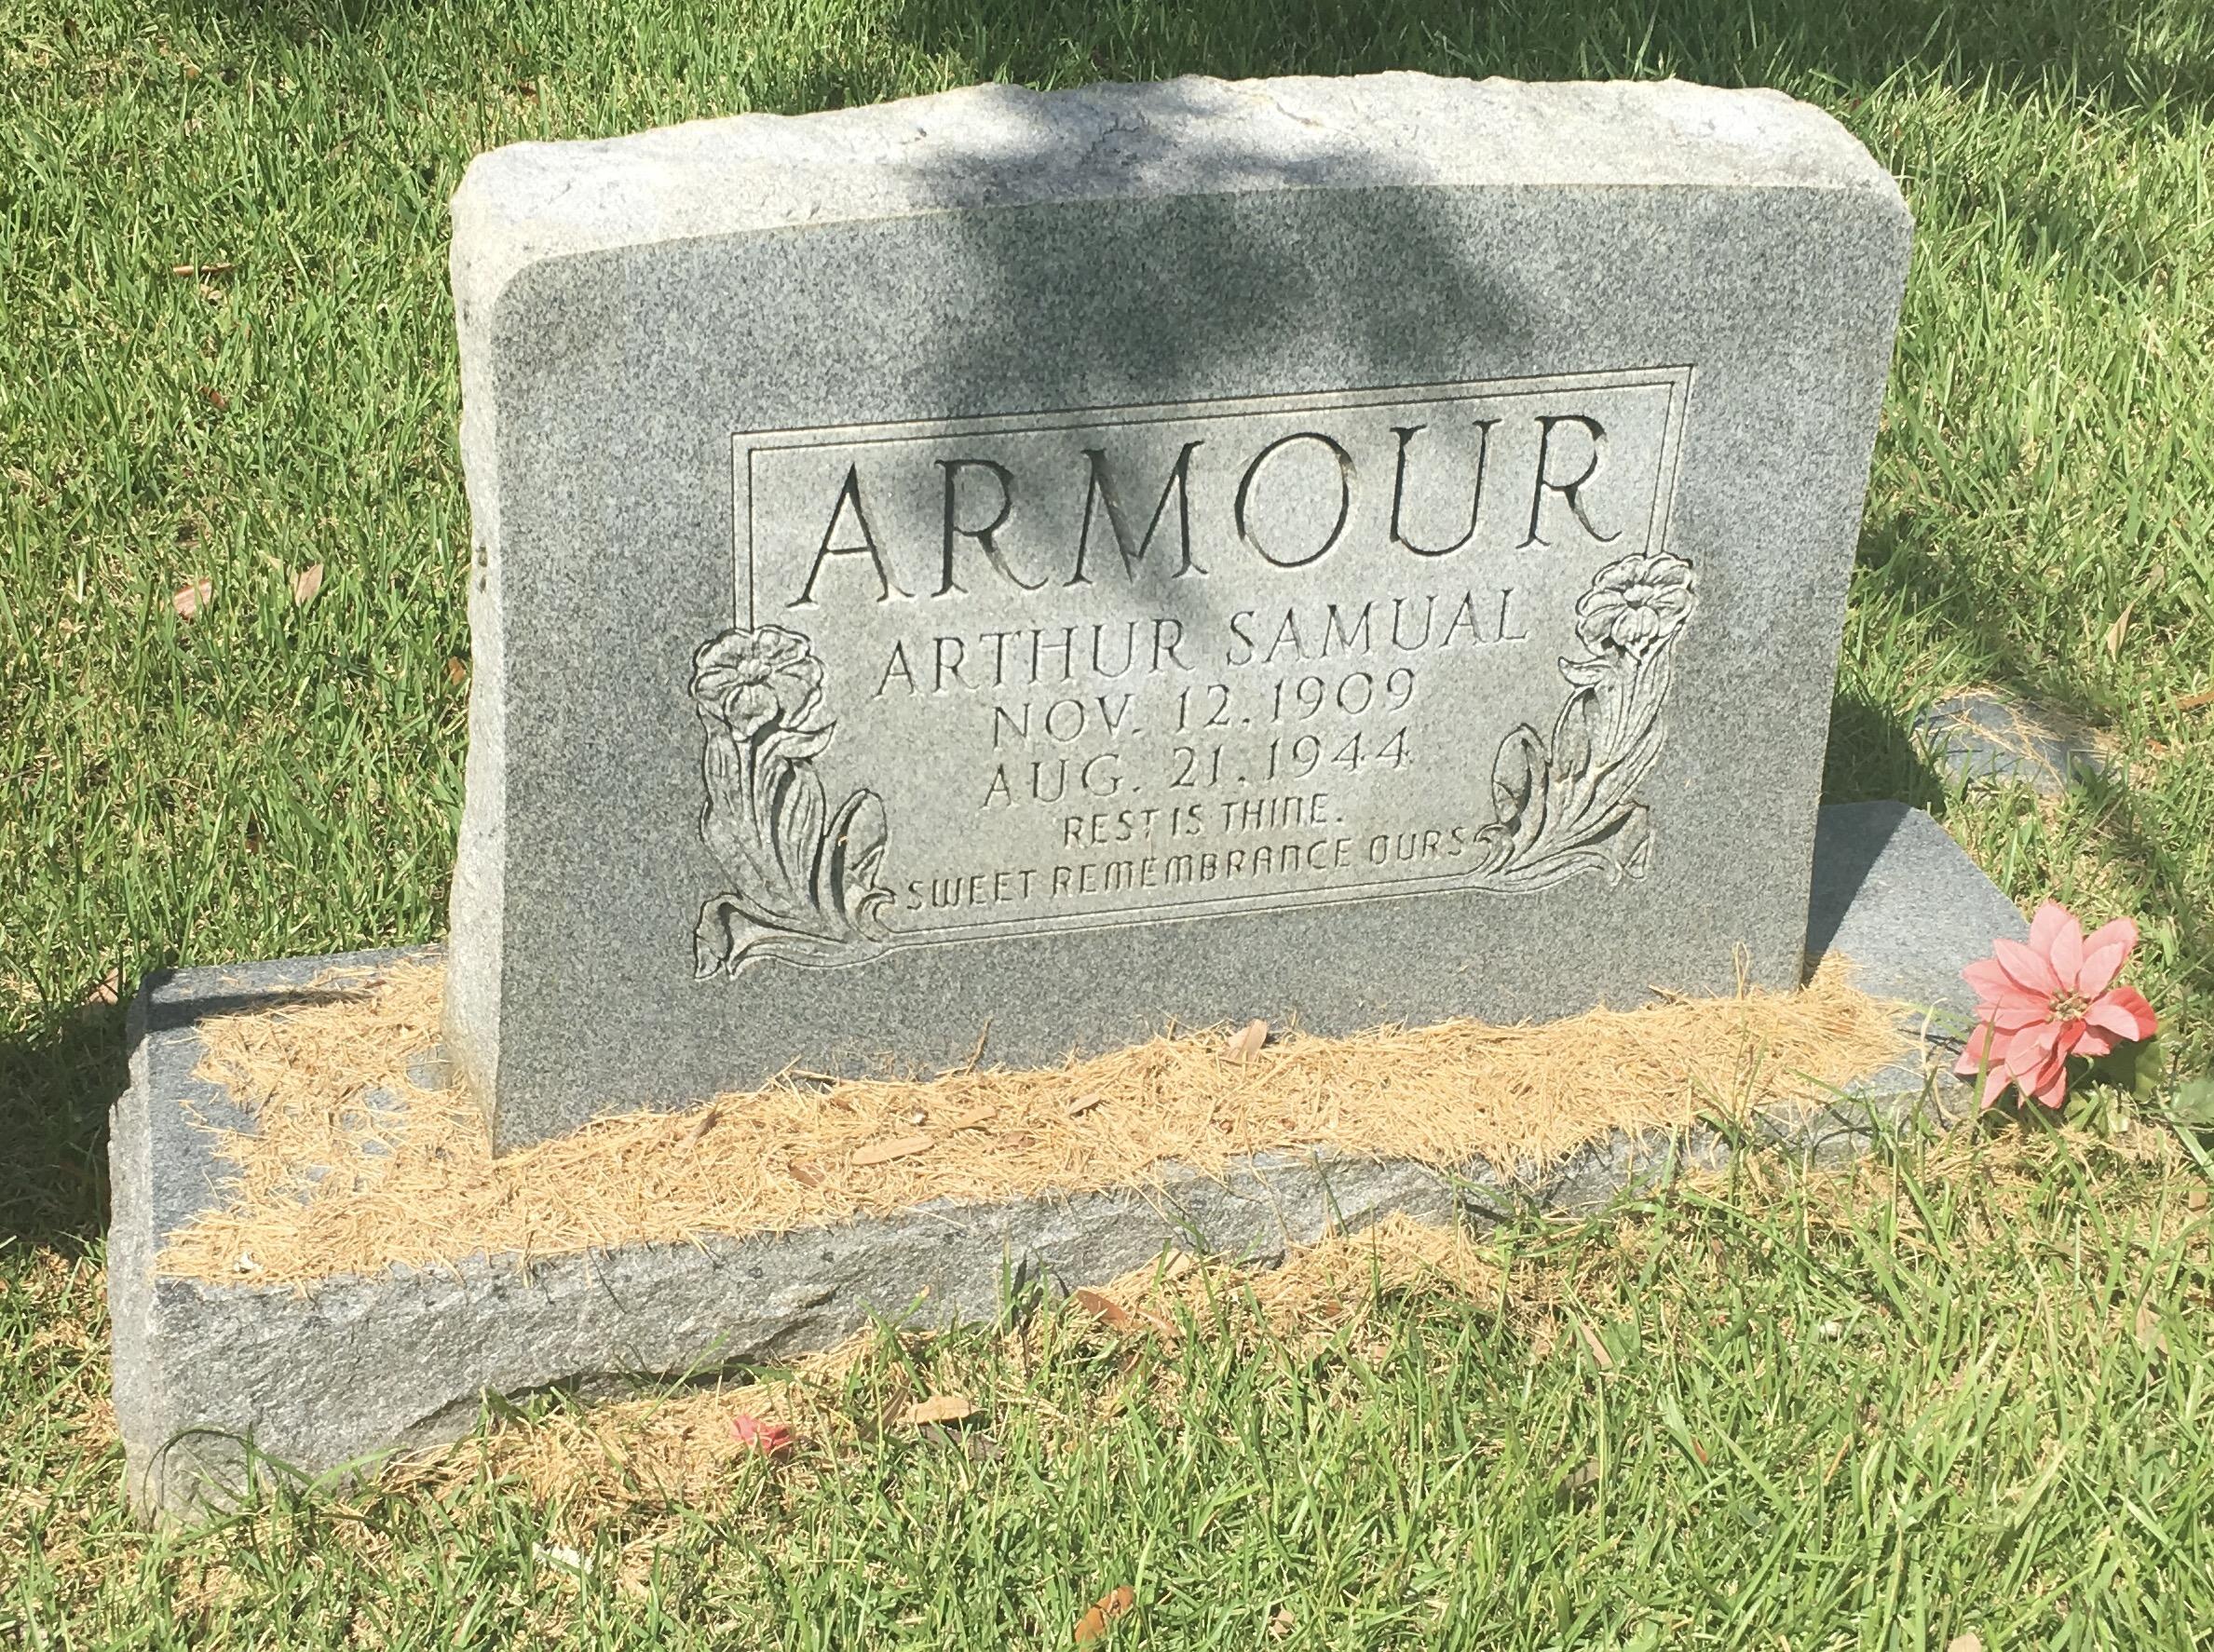 Arthur Samuel Armour